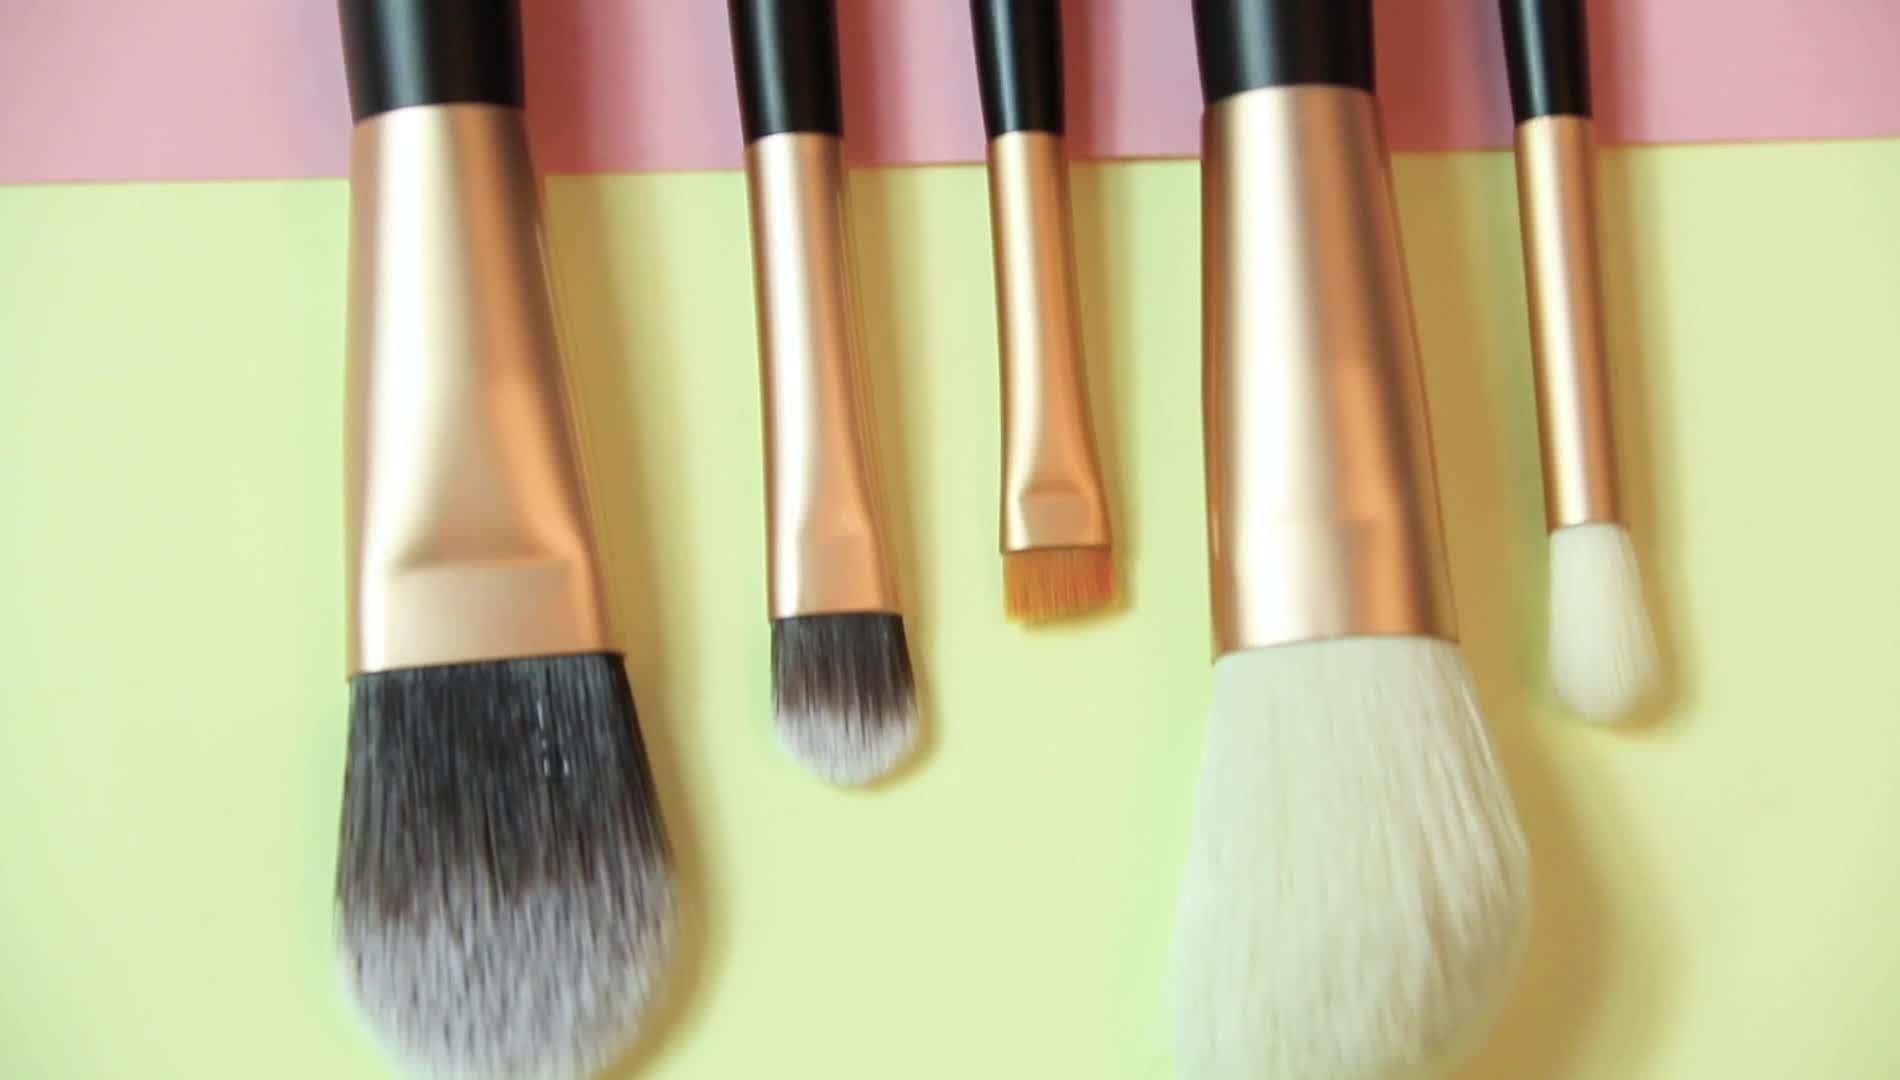 カスタムロゴ美容アクセサリープロフェッショナルメイクブラシセット